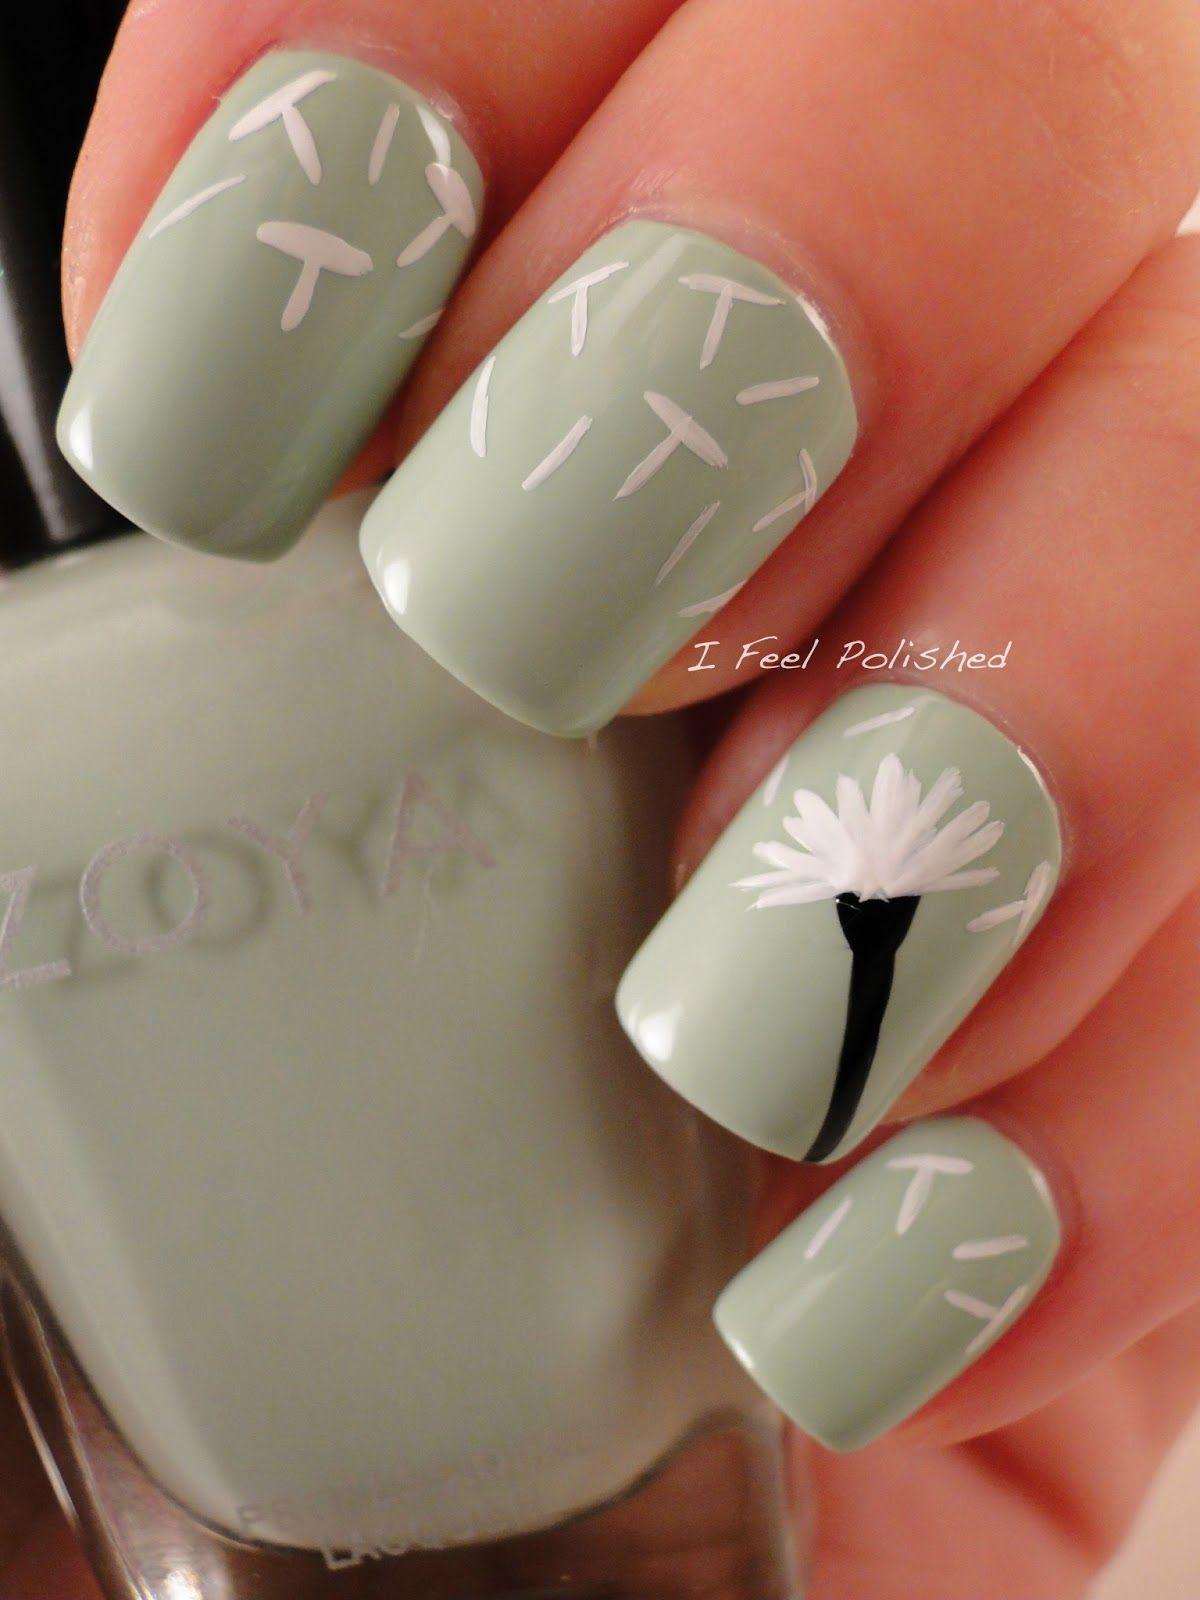 Dandelion Manicure | Nails | Pinterest | Dandelions, Manicure and Pedi